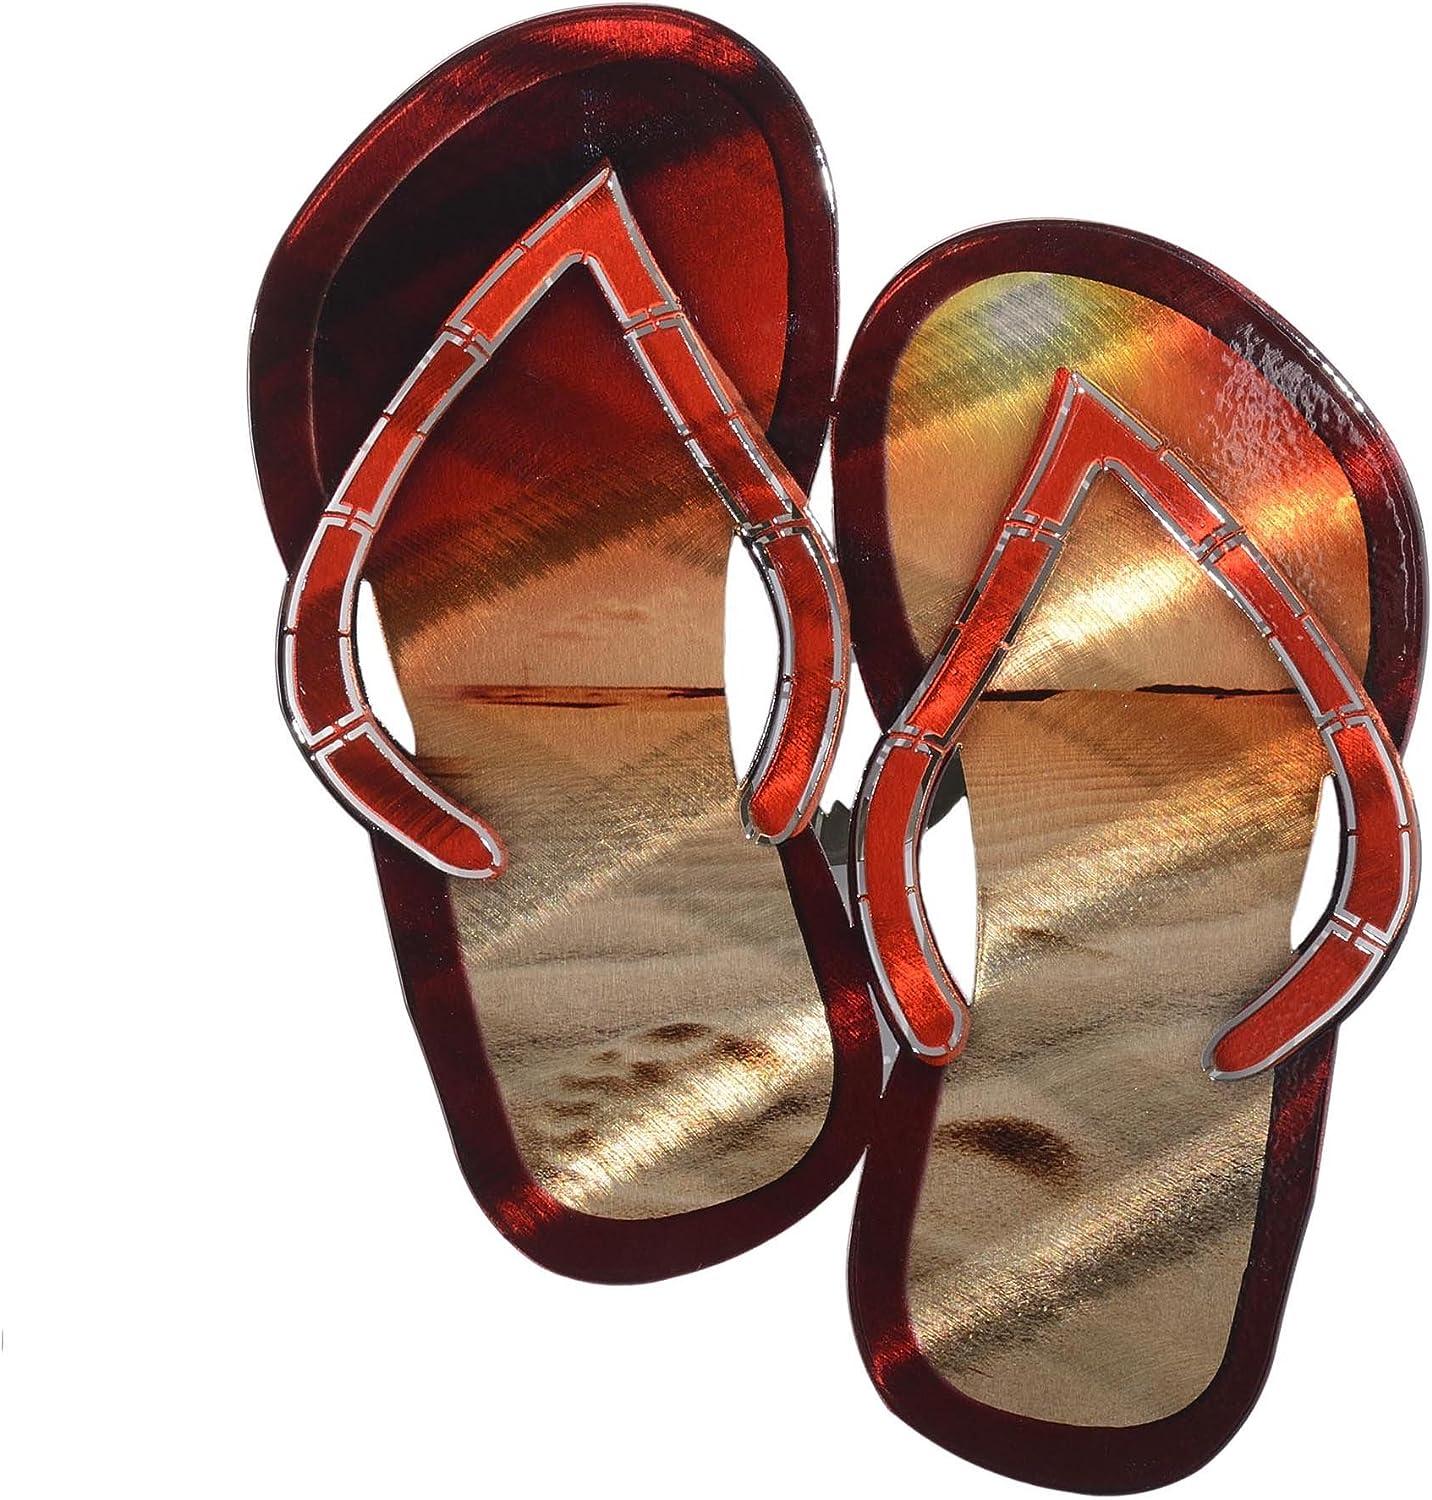 Next Innovations Metal Wall Art Beach Decor Flip Flop Sandals